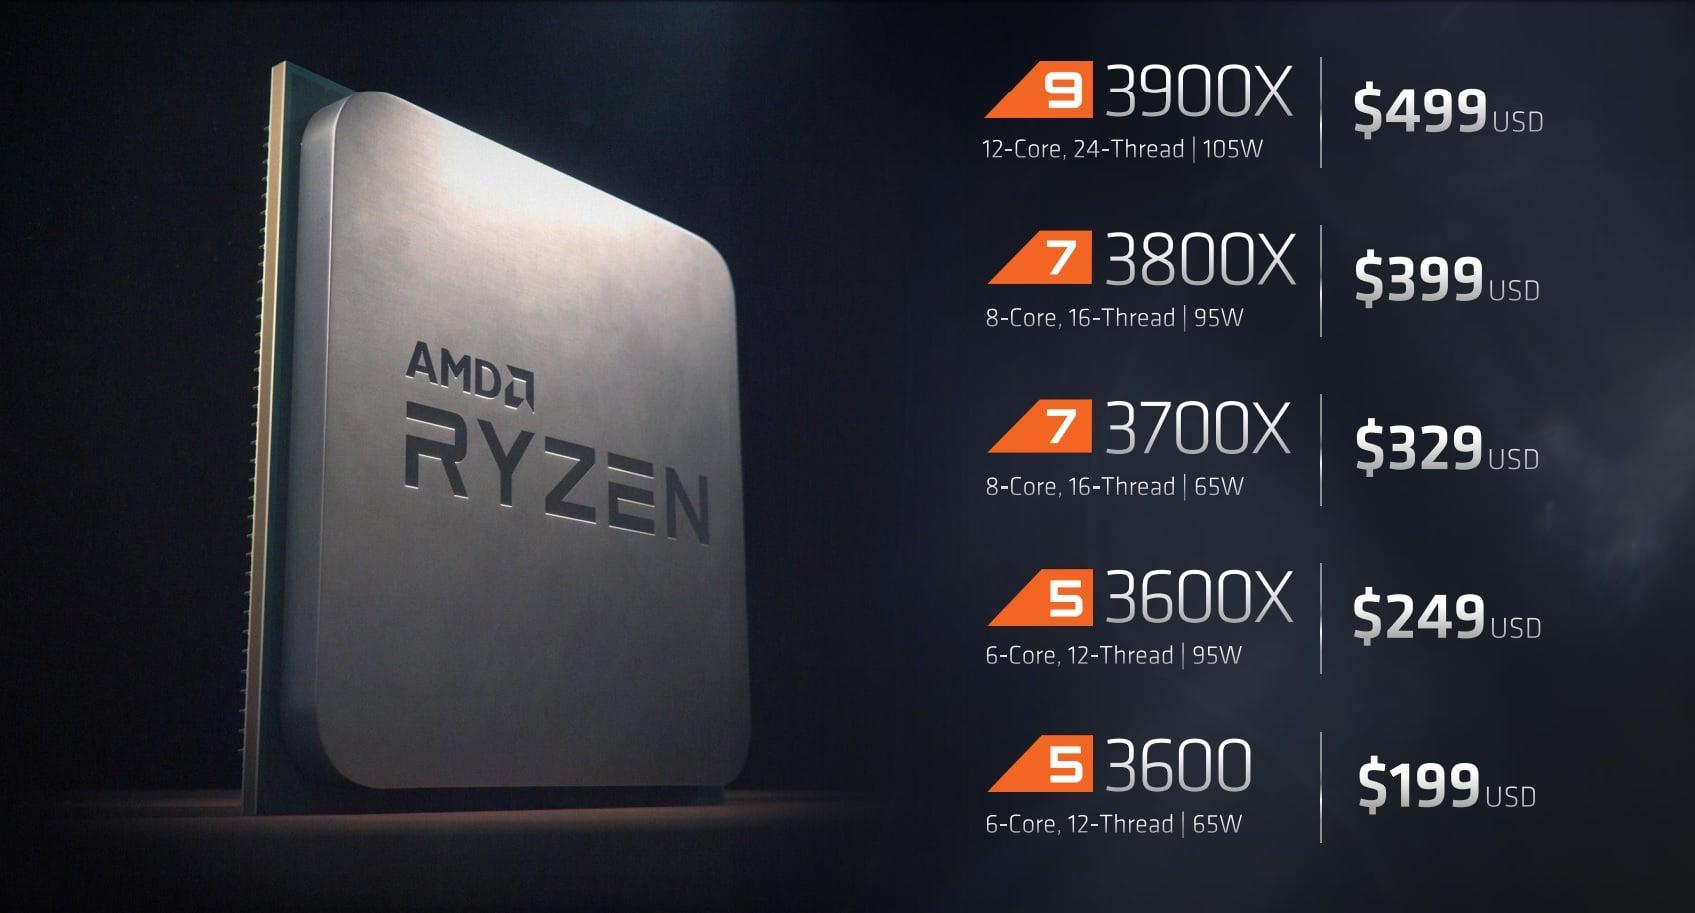 Procesory Ryzen 3000, karty graficzne Radeon RX 5700 i inne tegoroczne nowości AMD trafiły do sprzedaży 22